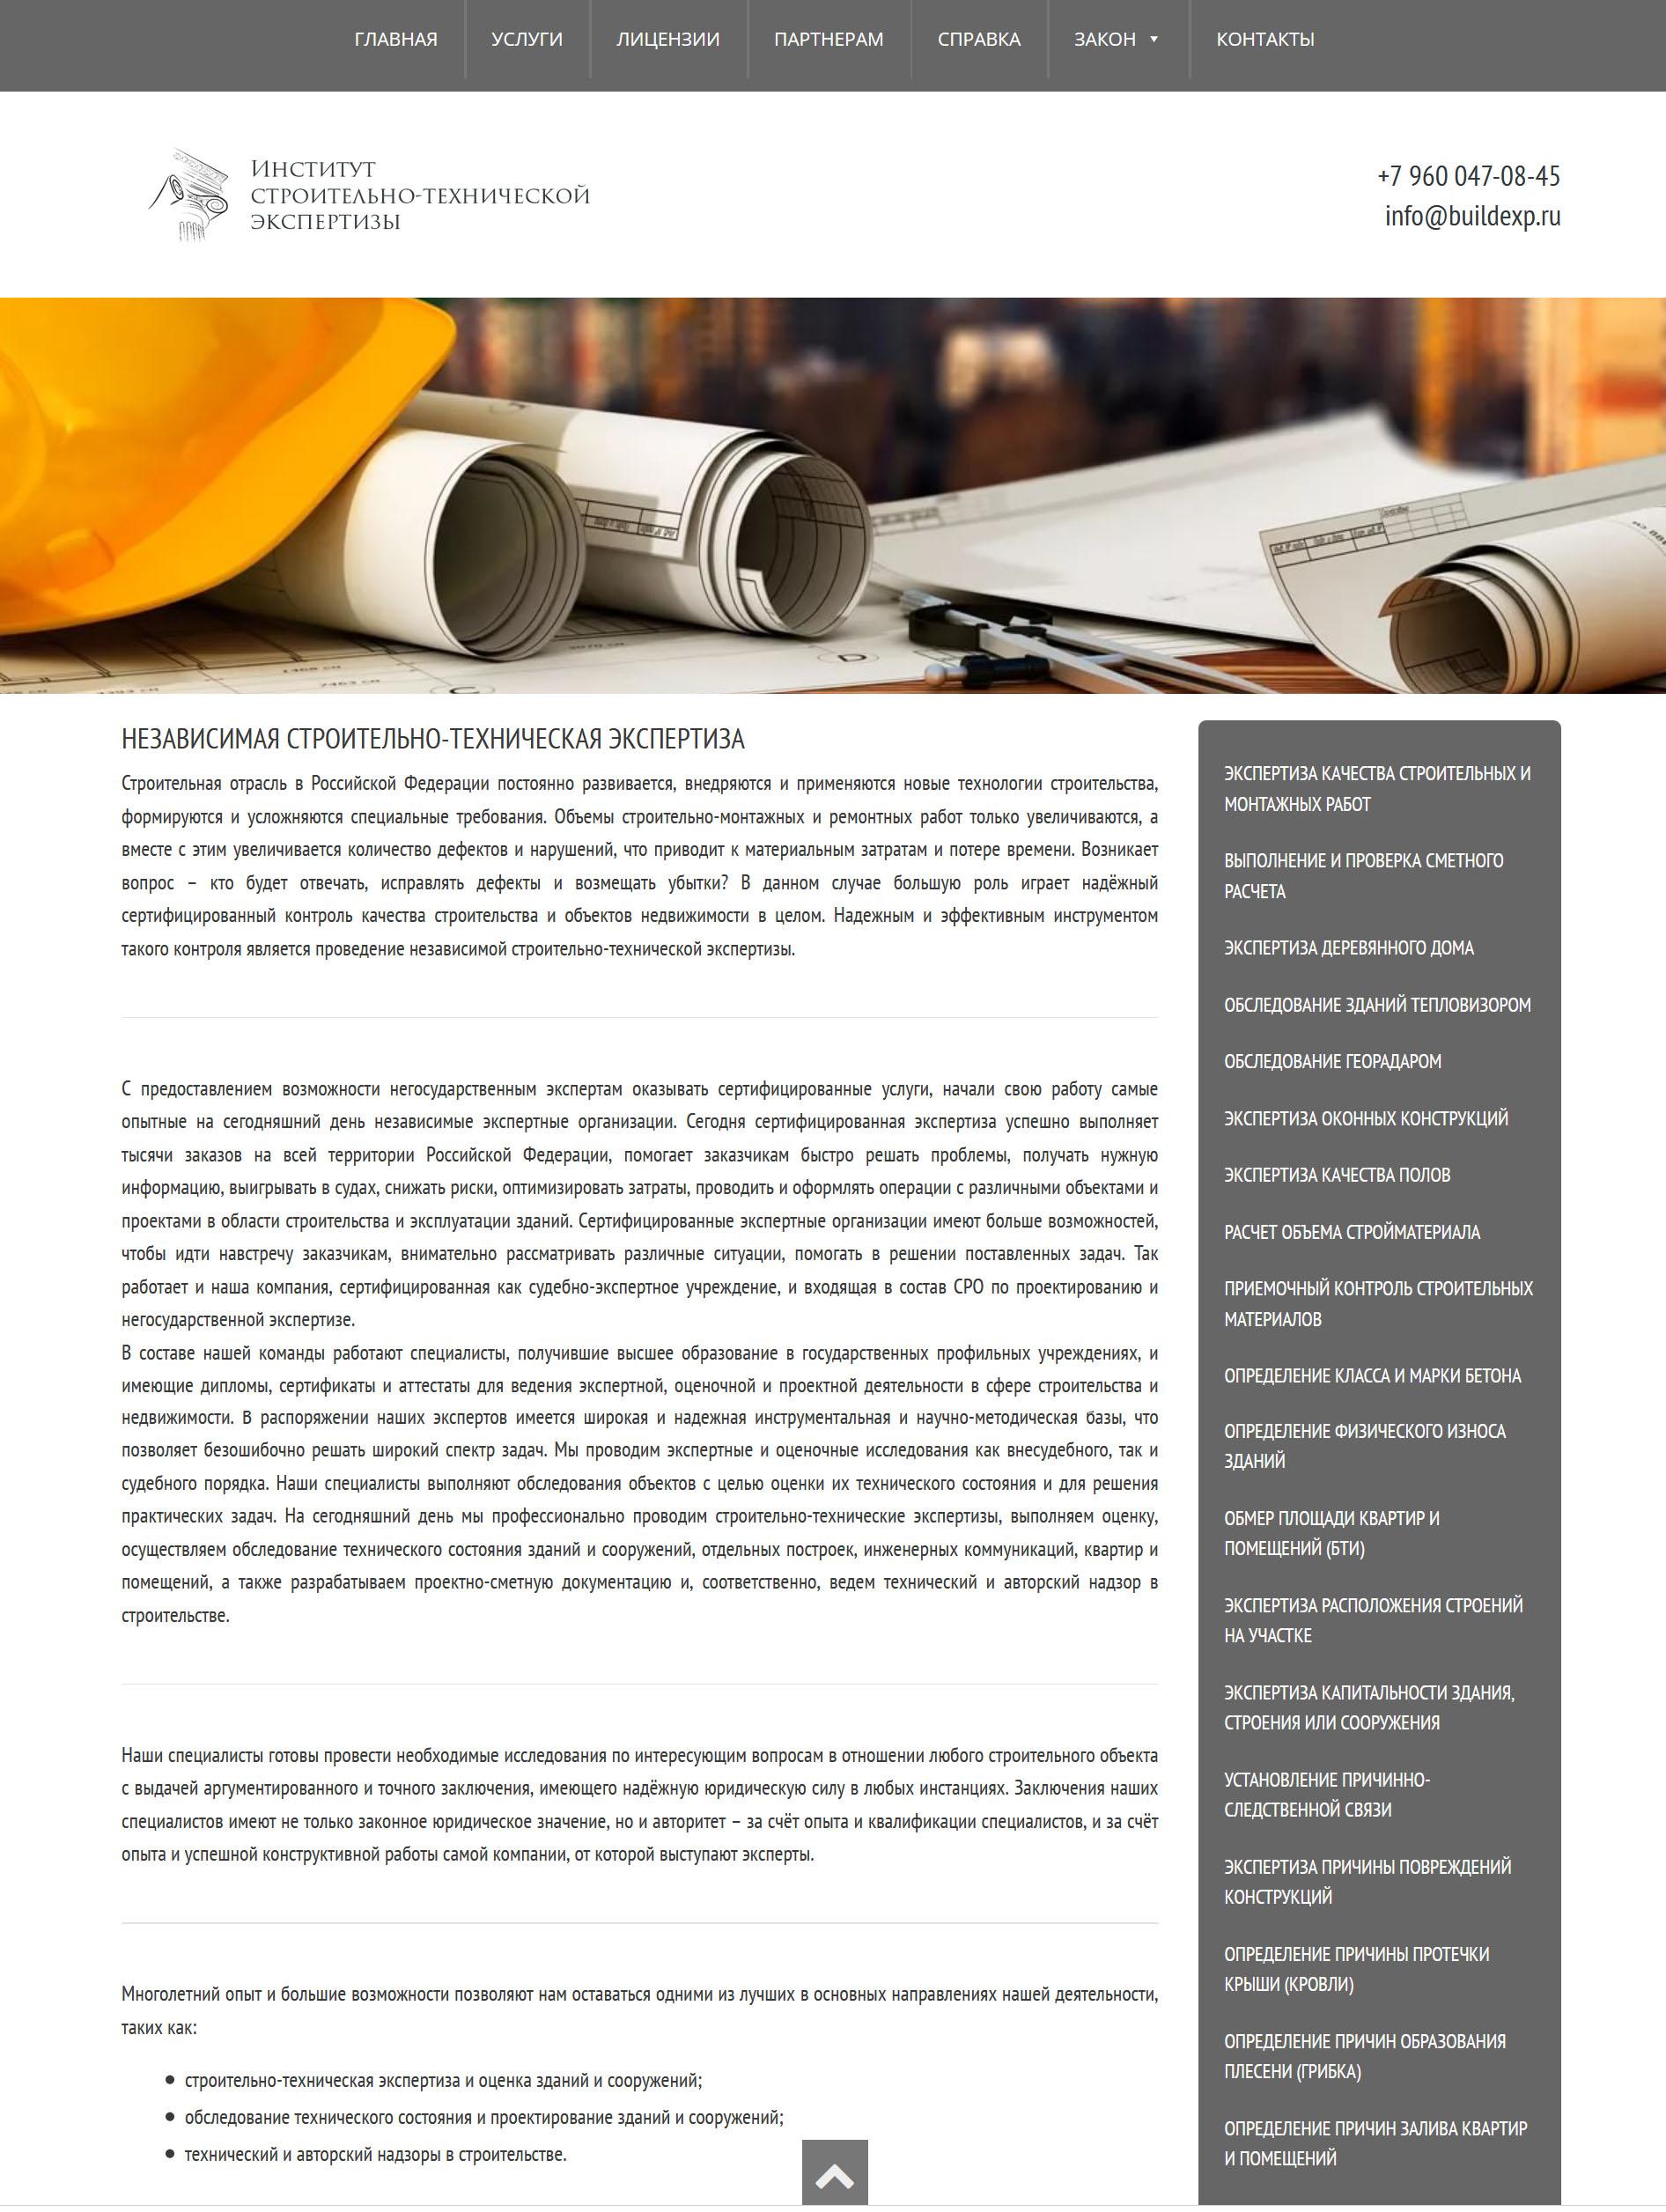 Институт строительно-технической экспертизы